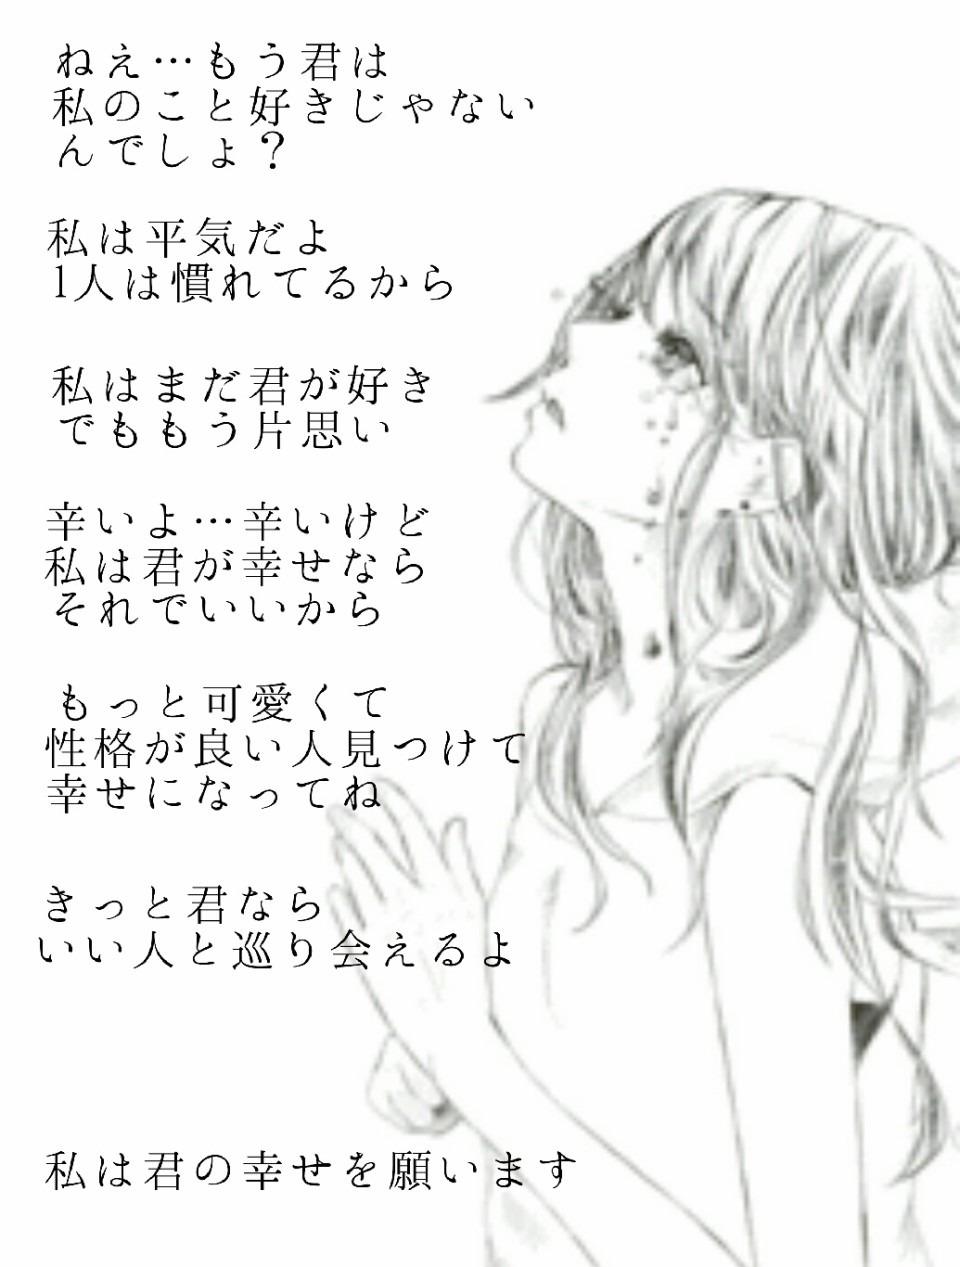 カップル失恋ポエム[49450415] 完全無料画像検索のプリ画像 bygmo